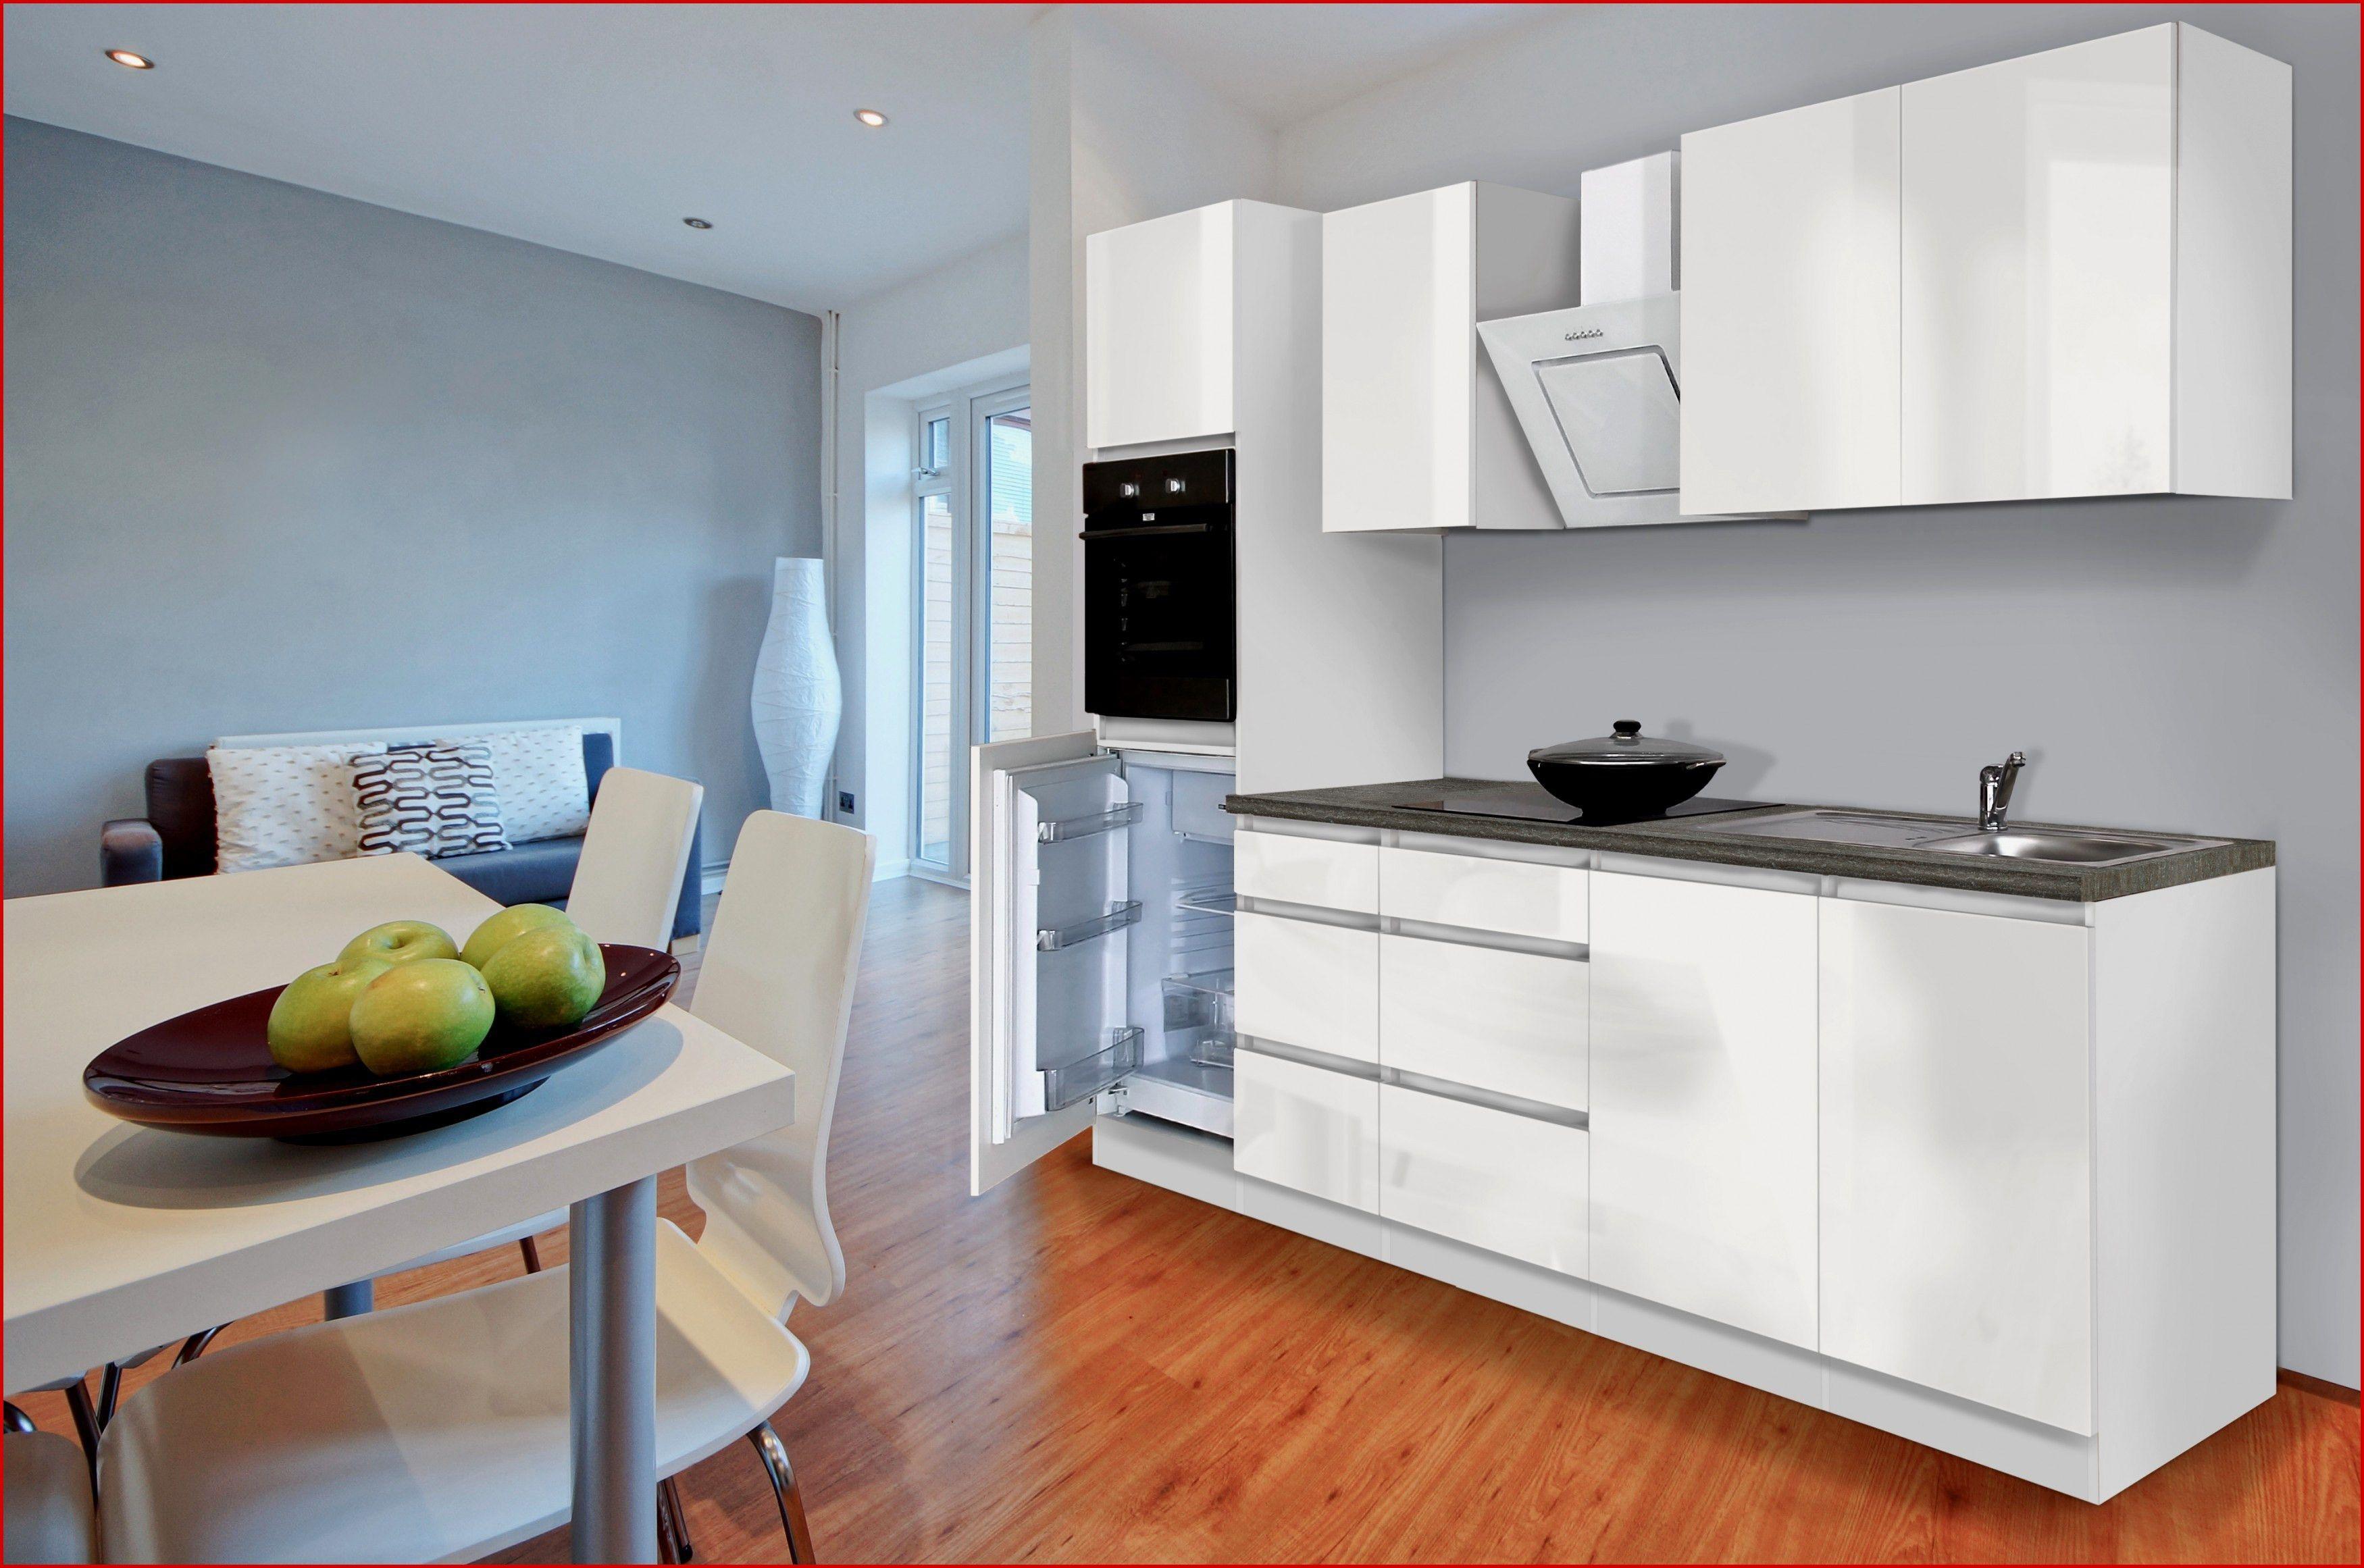 Ebay Kuchen Elegant So Wird Gebrauchte Kuchen Ebay In Home Design Di 2020 Ide